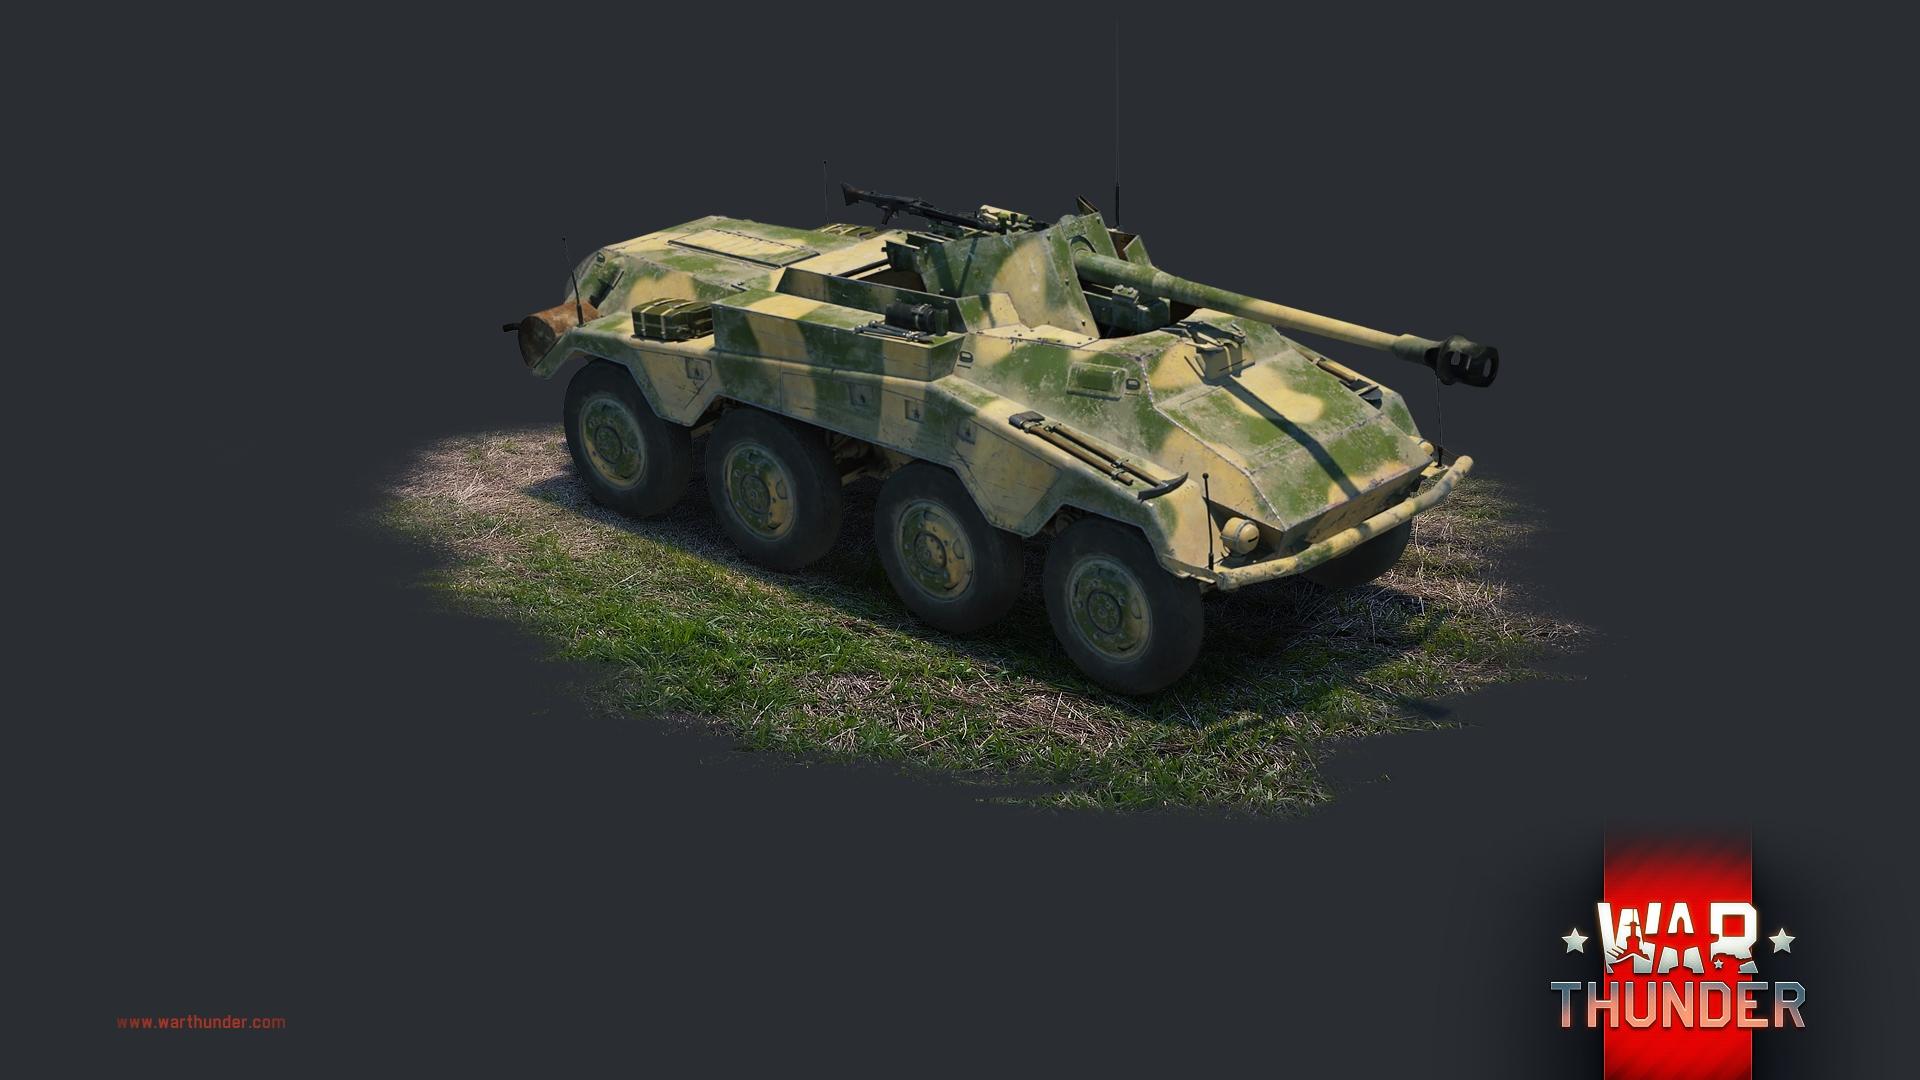 Každý z pěti národů má ve War Thunder vlastní torpédoborec 147718